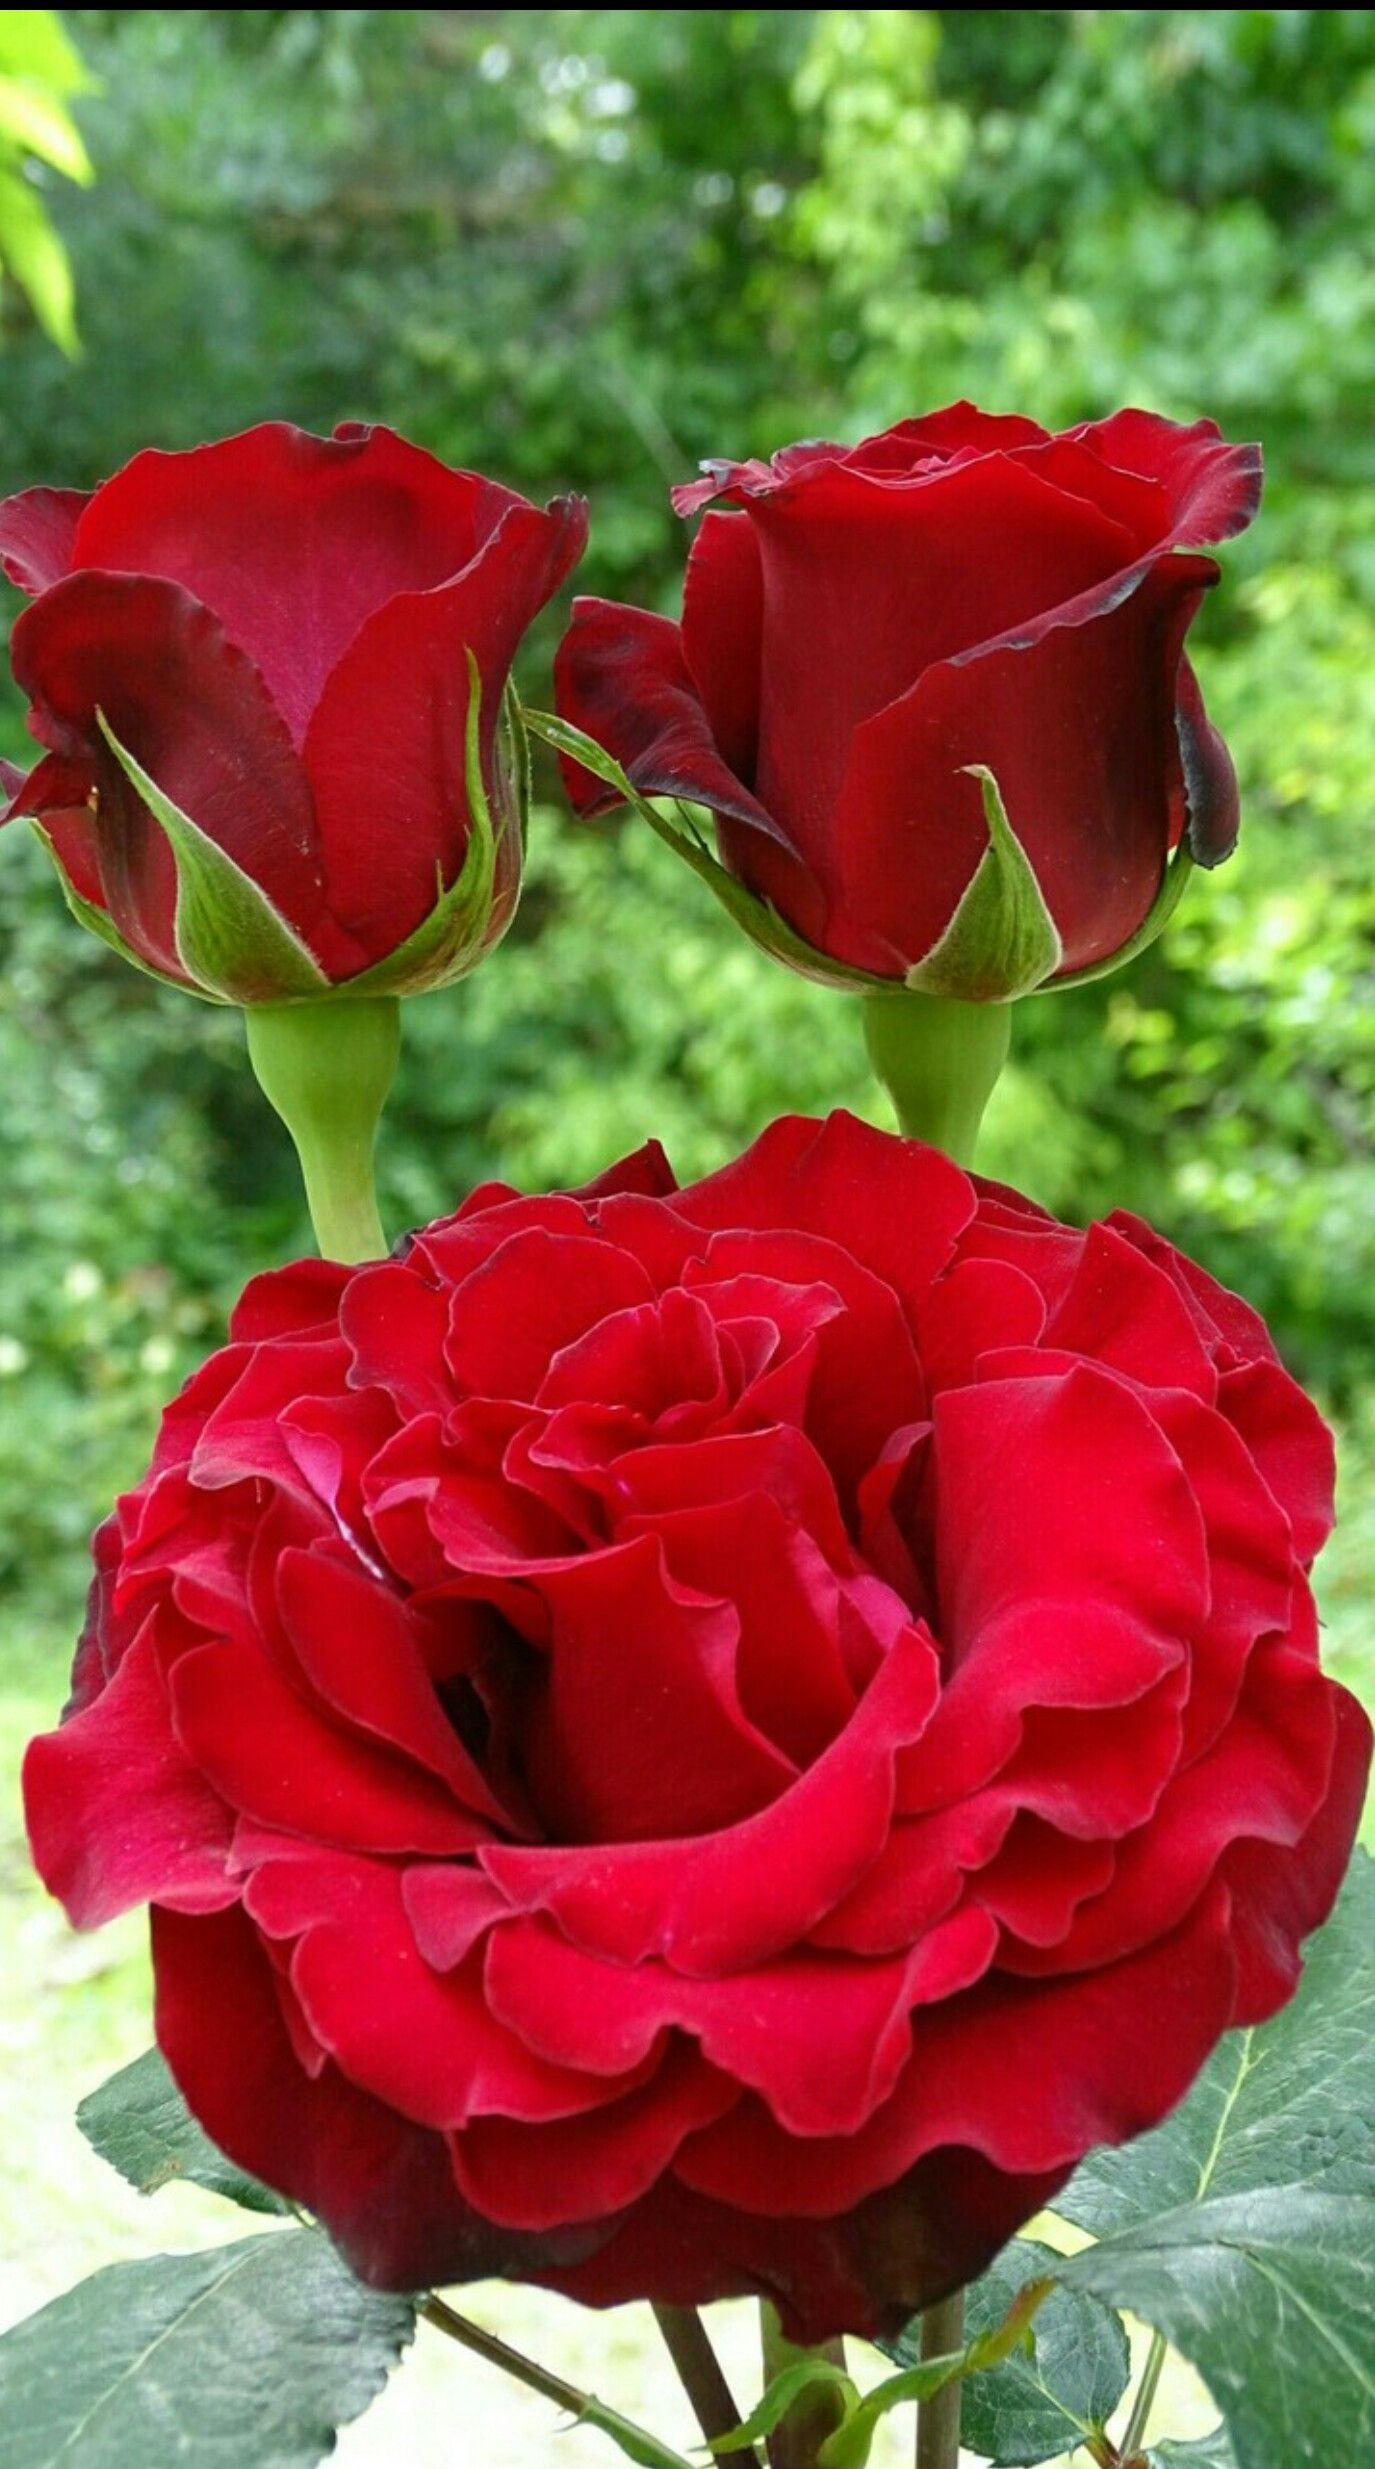 Imagenes De Flores Chidas Imagenes De Rosas Pinterest